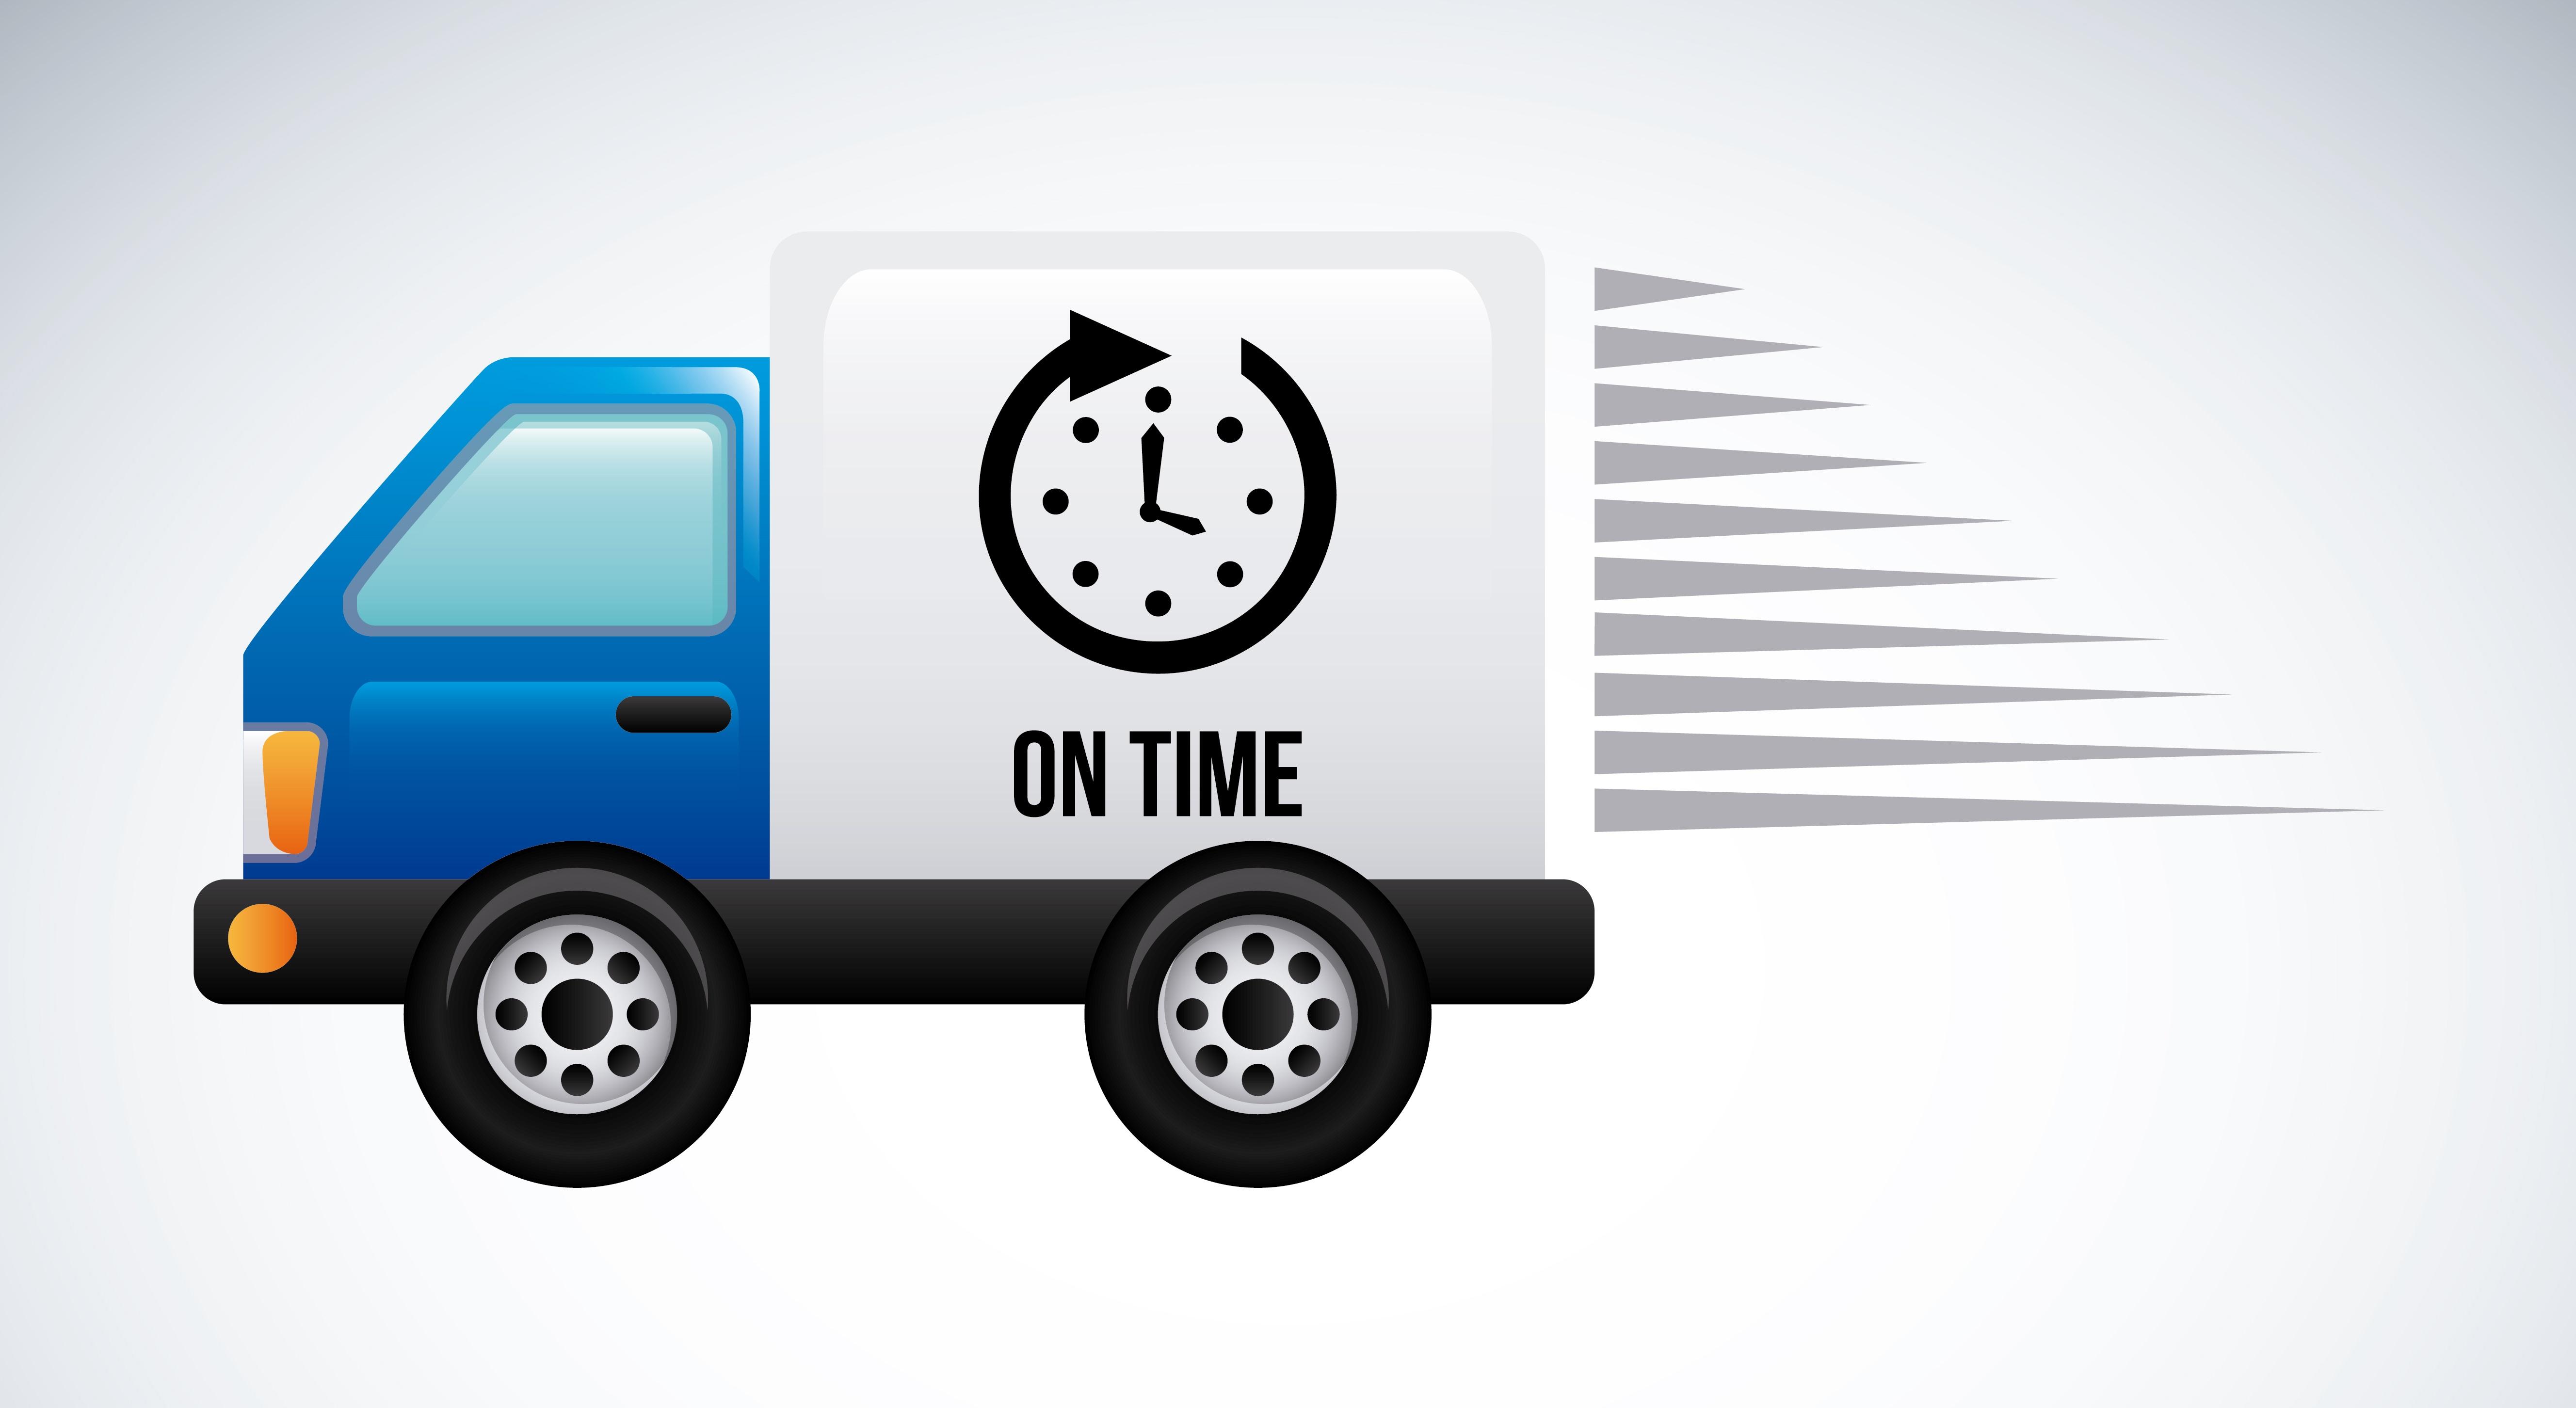 Timely Service